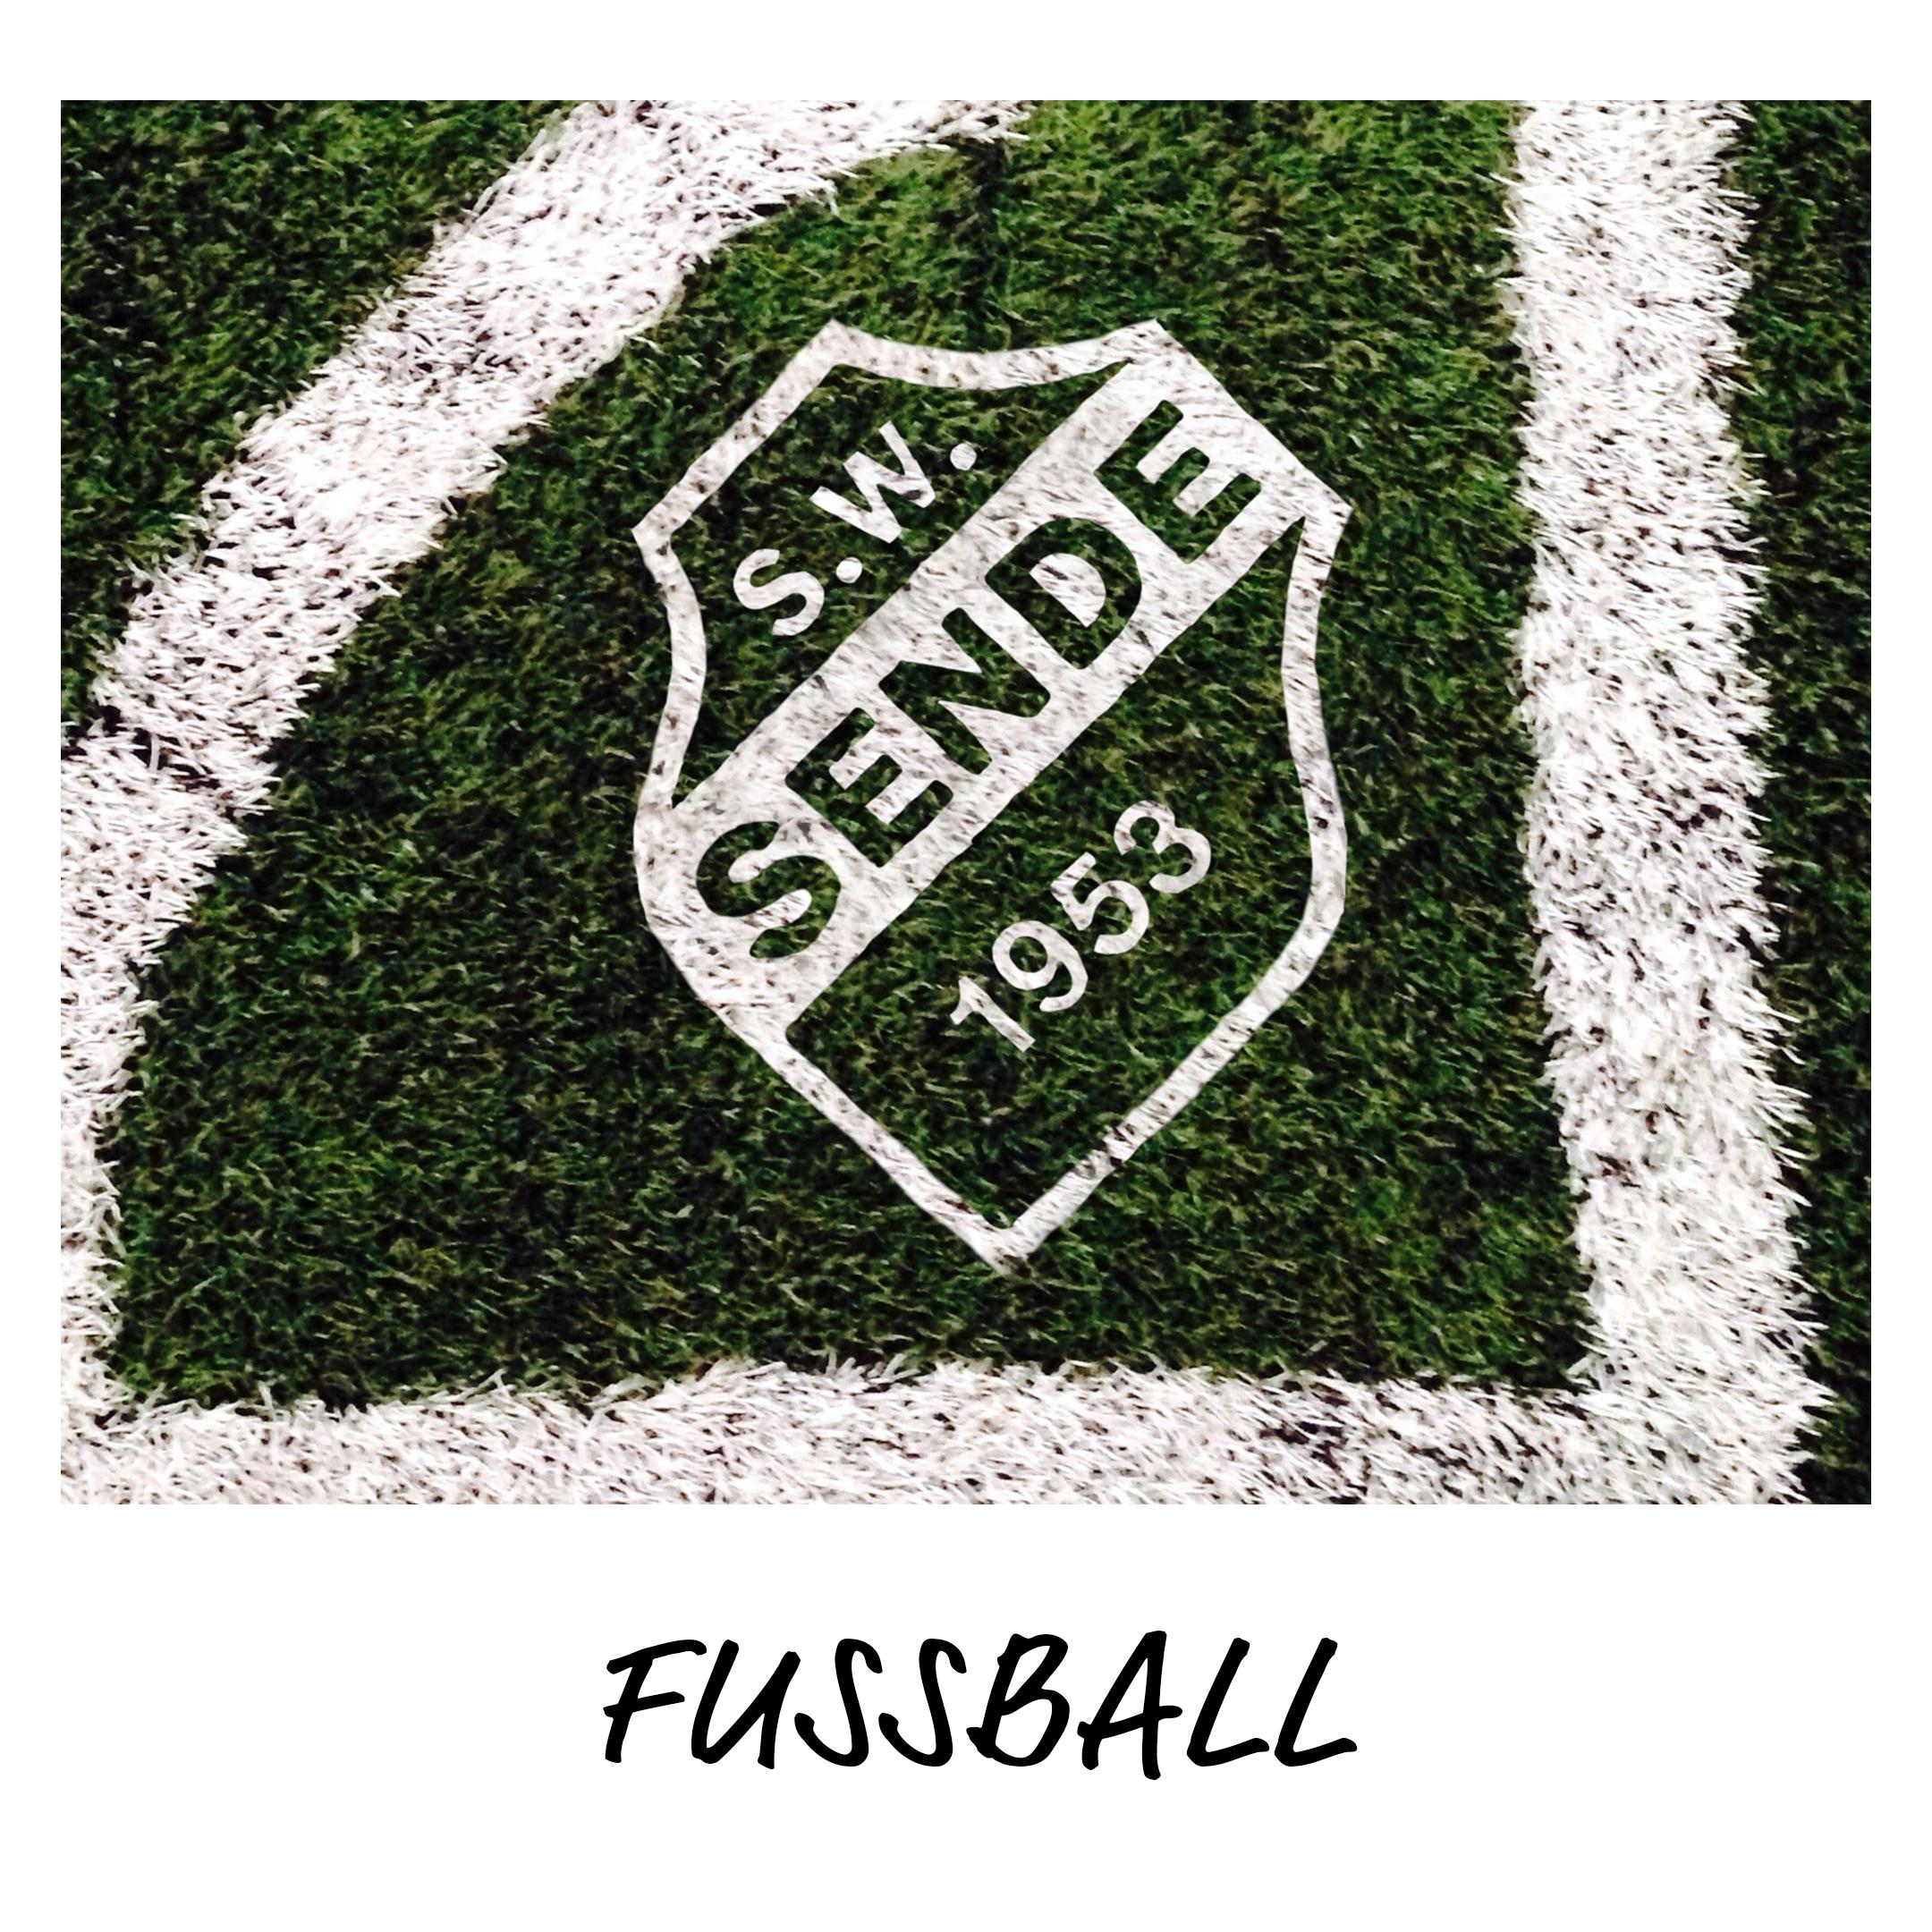 Fußballverein in Schloß Holte-Stukenbrock